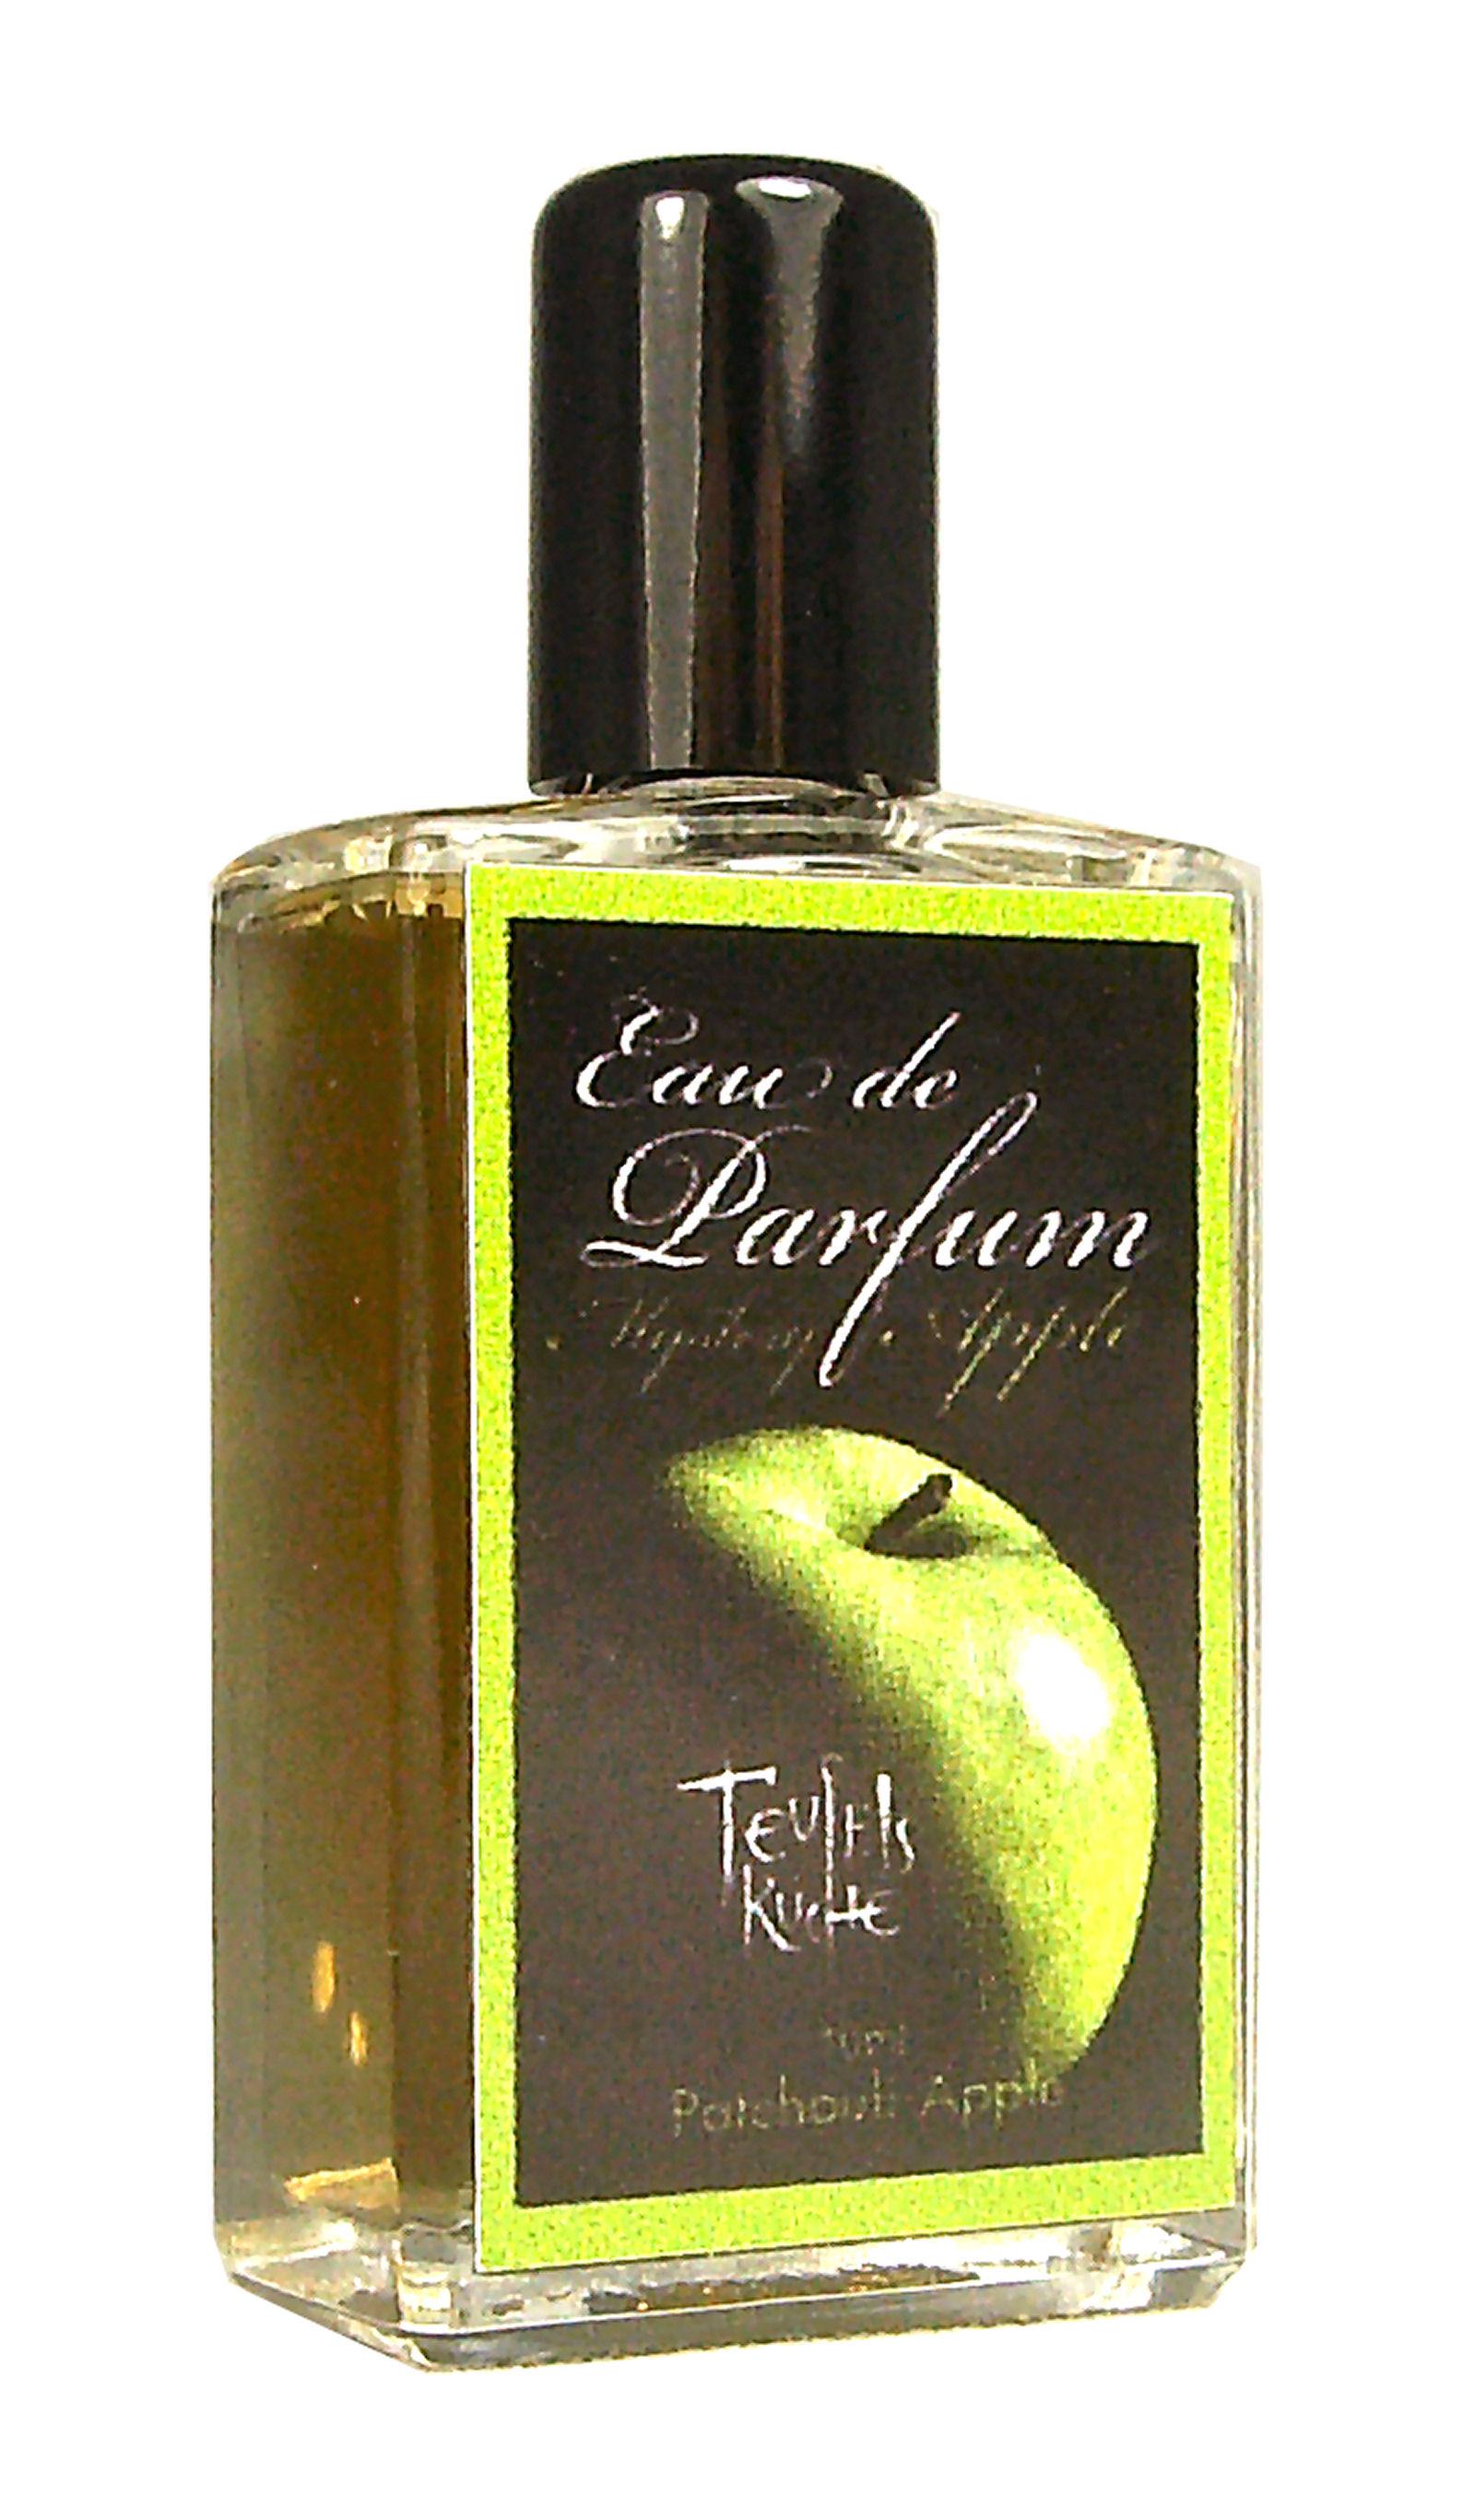 Patchouli Mystery Apple, Eau de Parfüm 10 ml